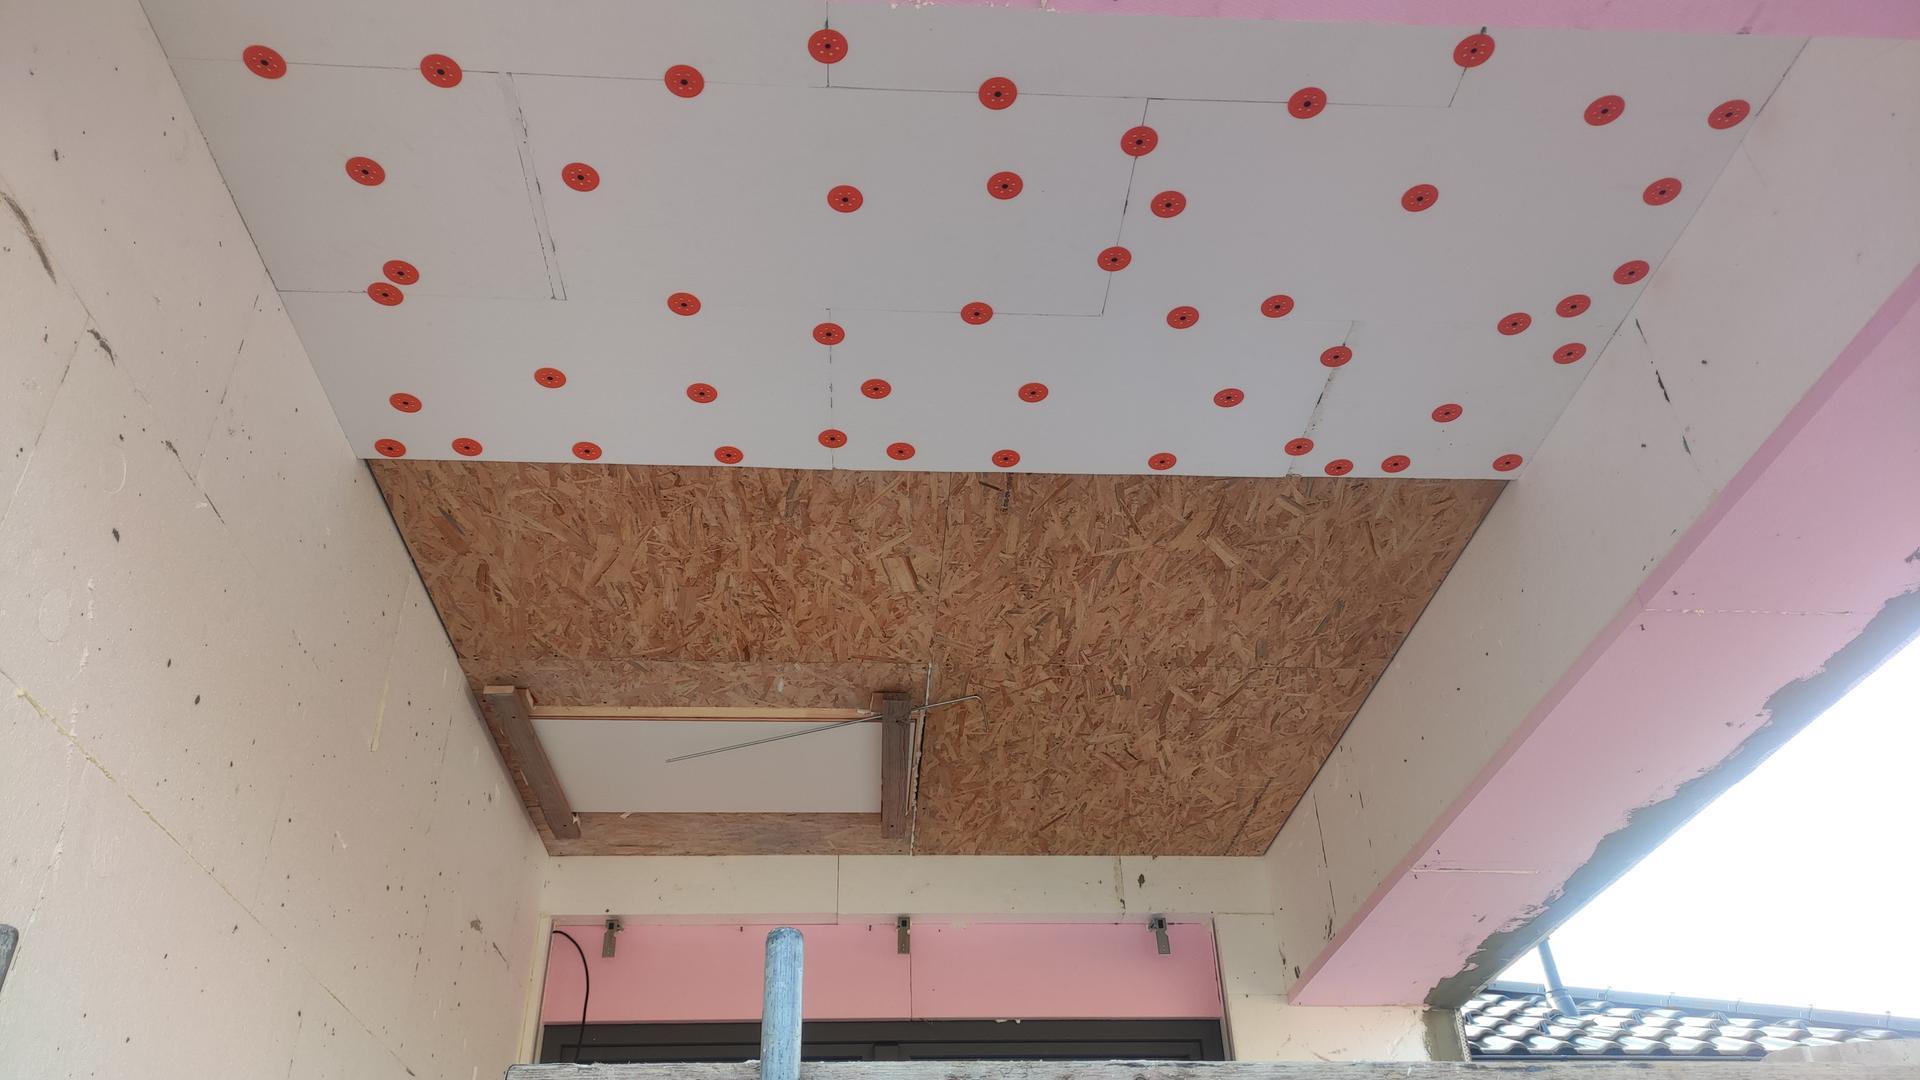 Dom vytvoríš rukami, domov jedine srdcom - Výlez pod strechu na spevnenu časť